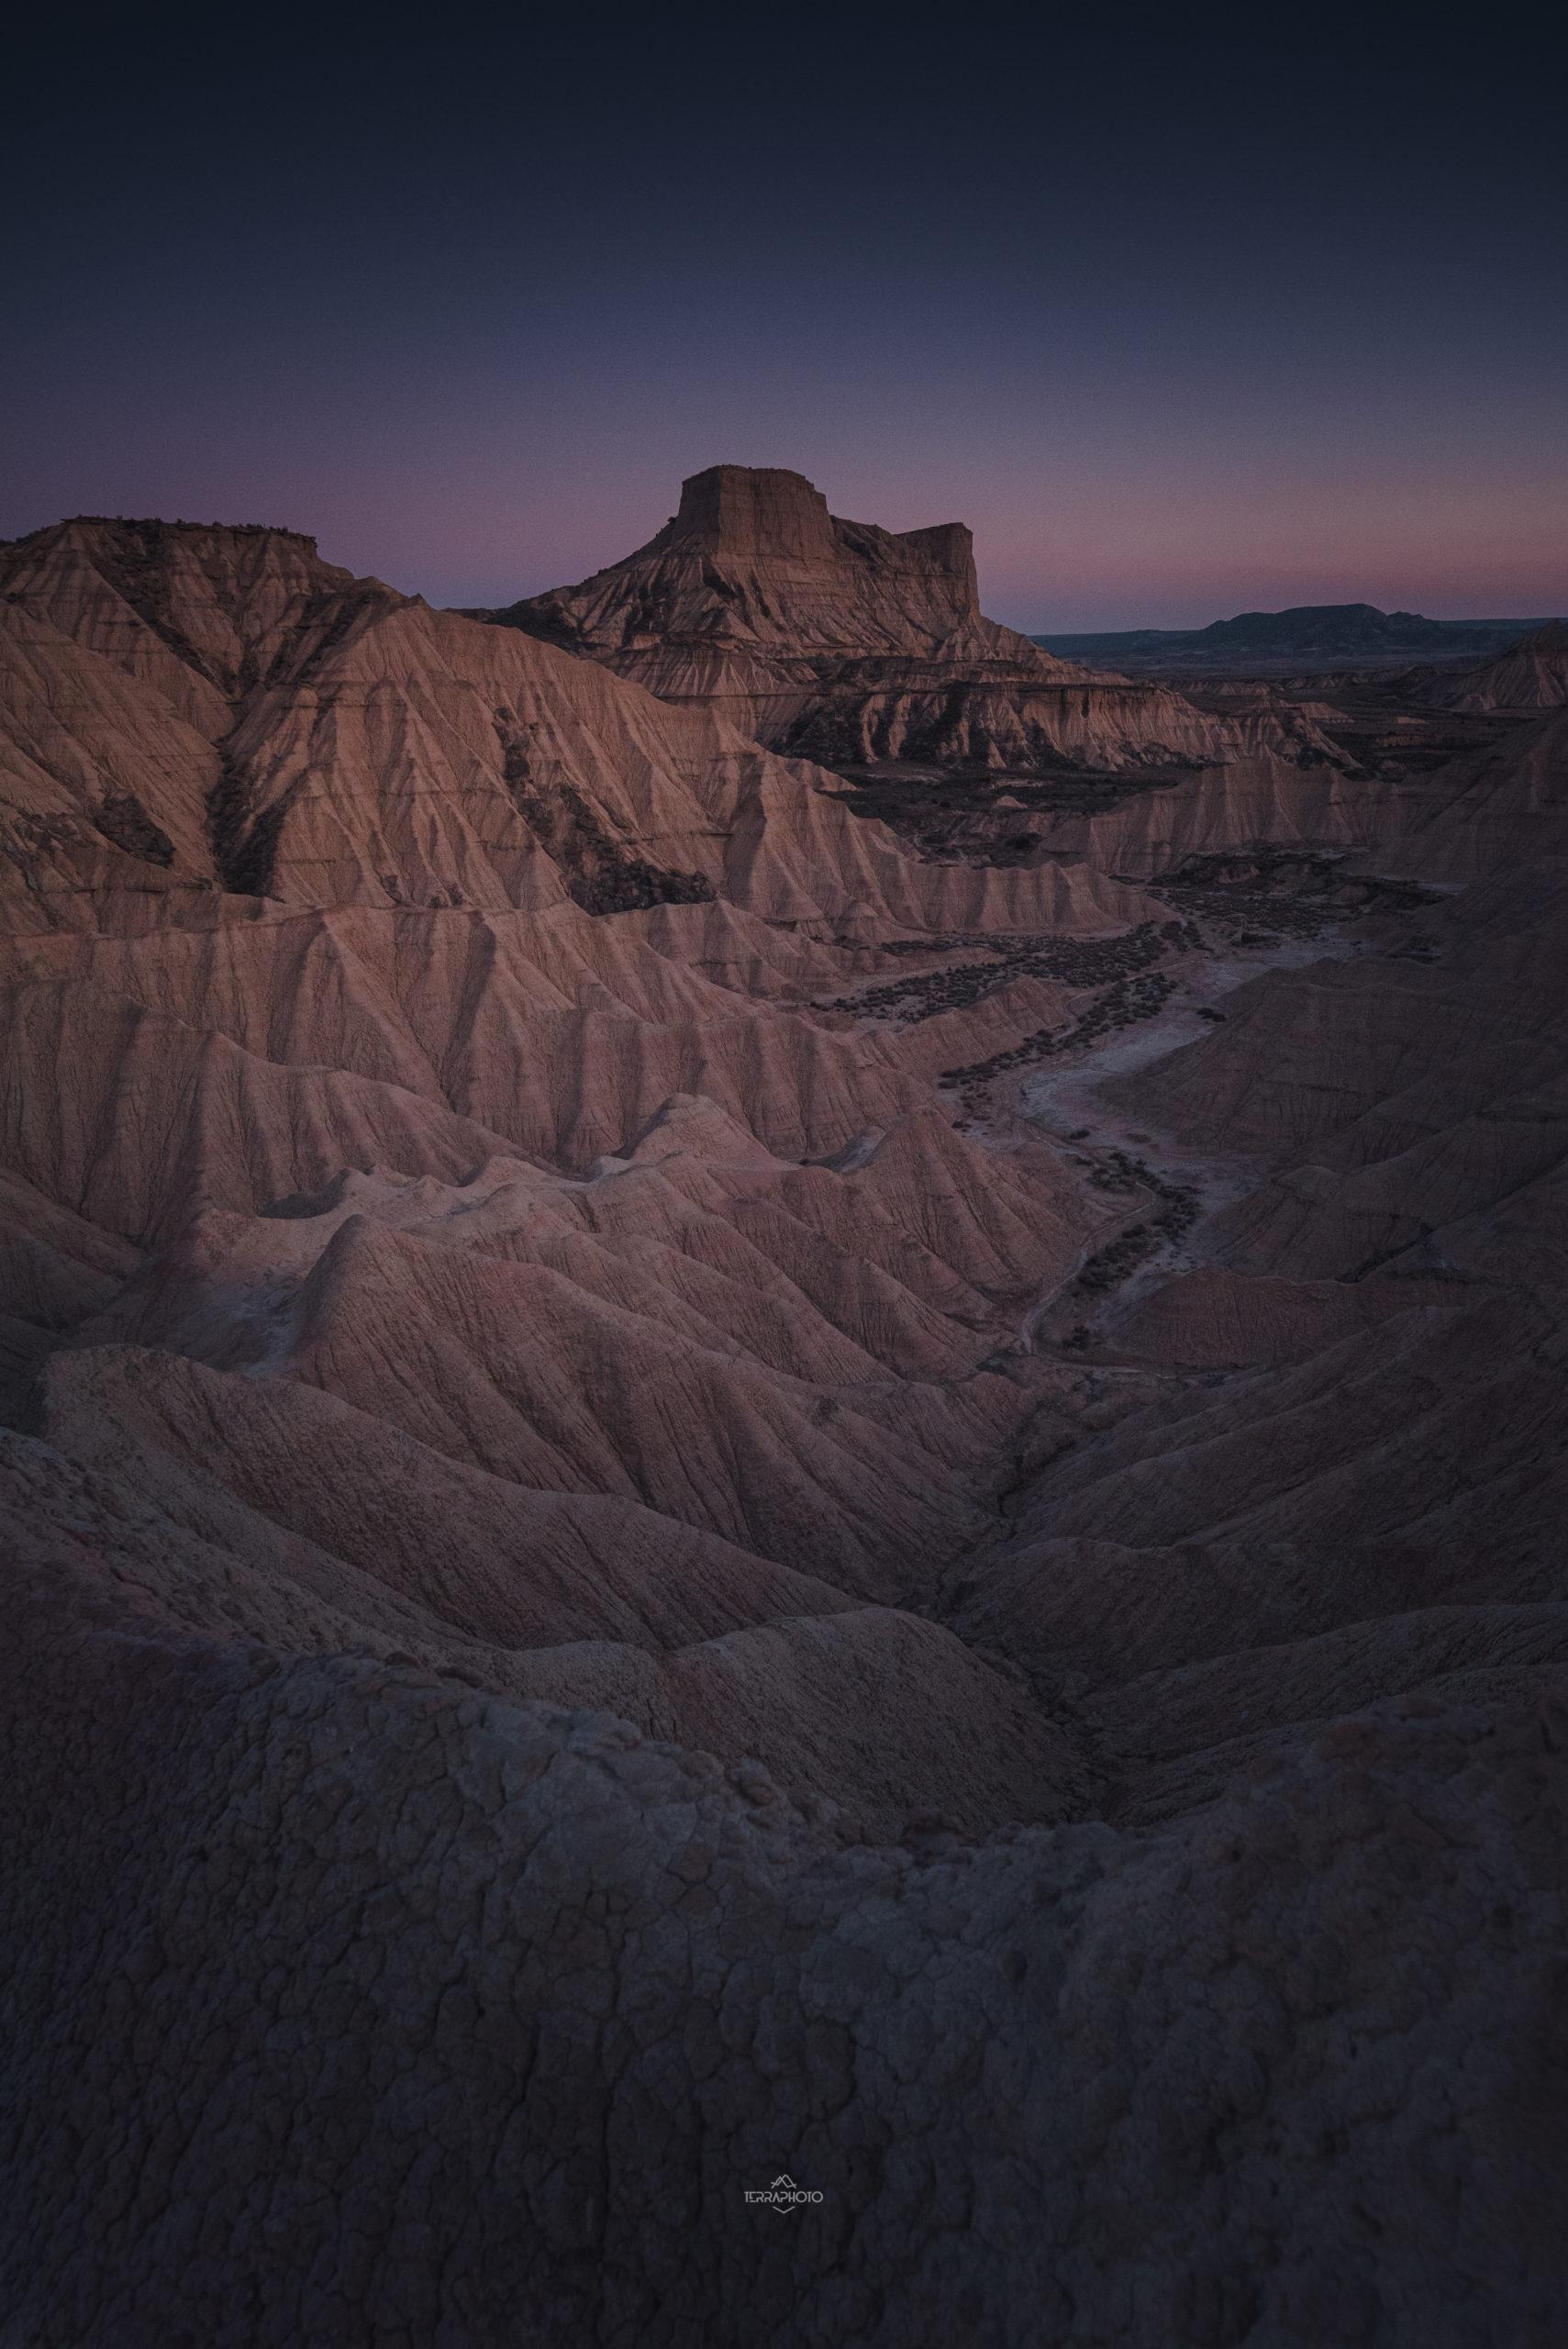 Le désert des Bardenas Reales. stages et voyages photo ©terra photo